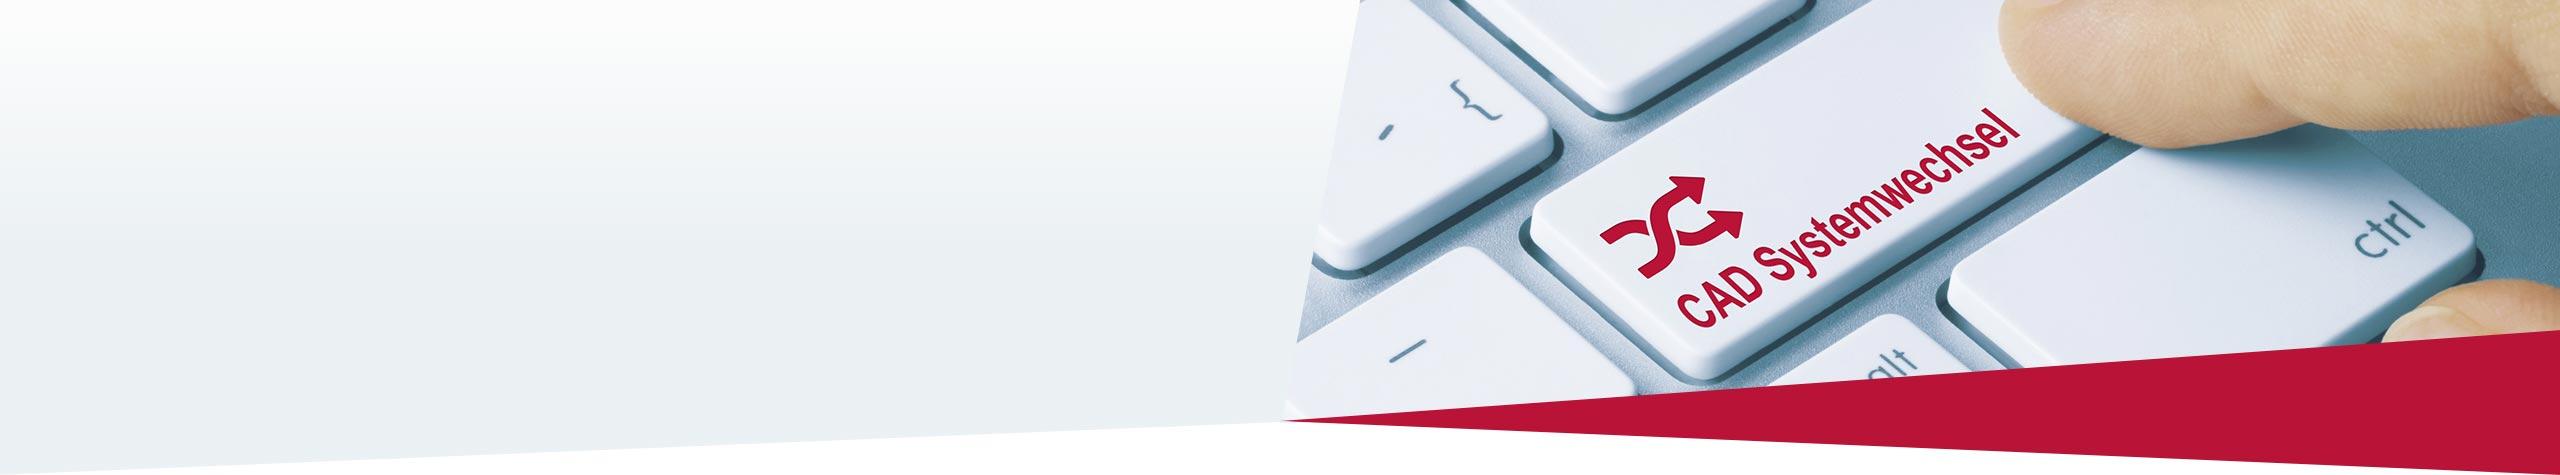 CAD Systemwechsel Individuelle Beratung, kein Datenverlust, nahtlose Integration